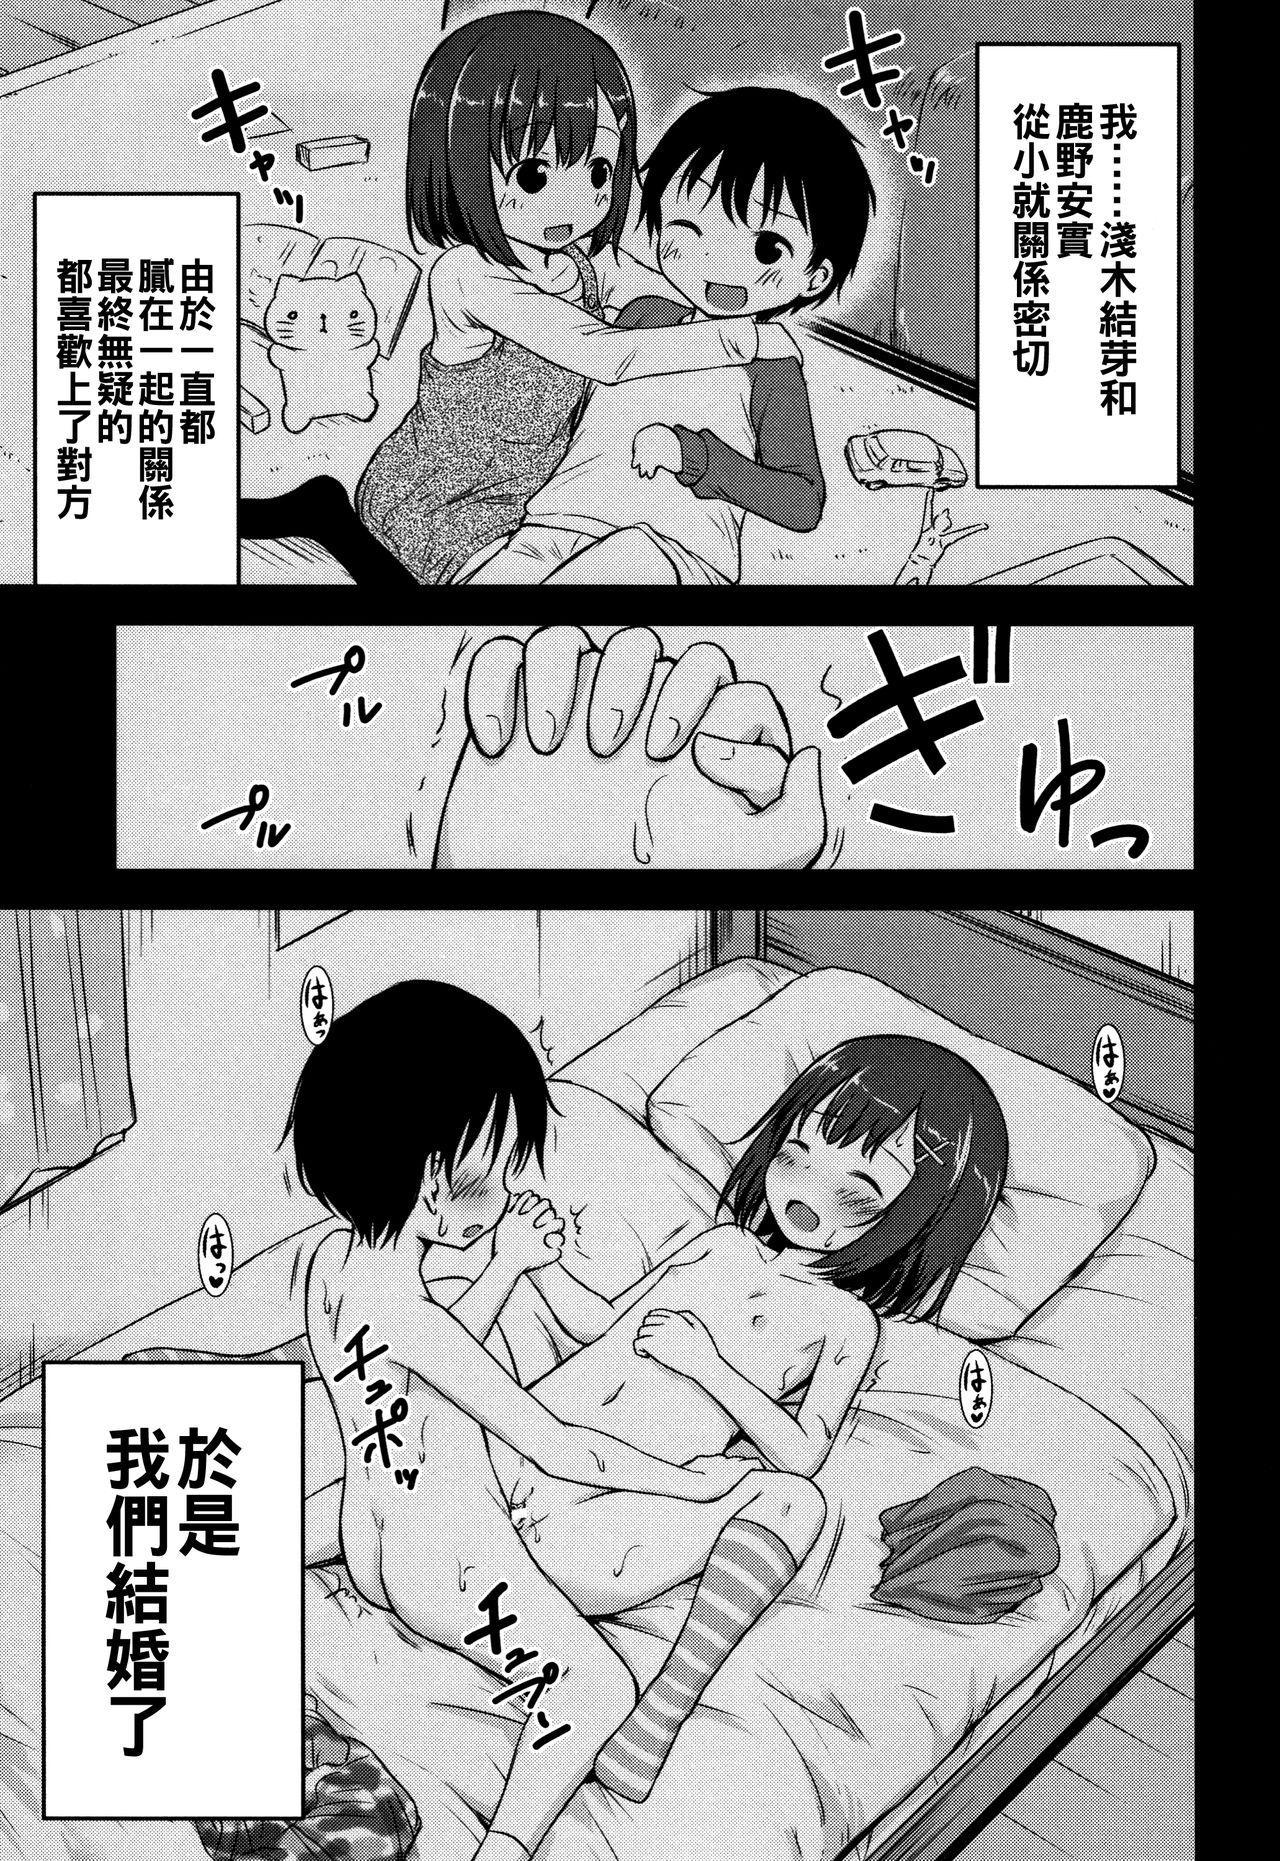 Kozukuri Children - Child making child 42